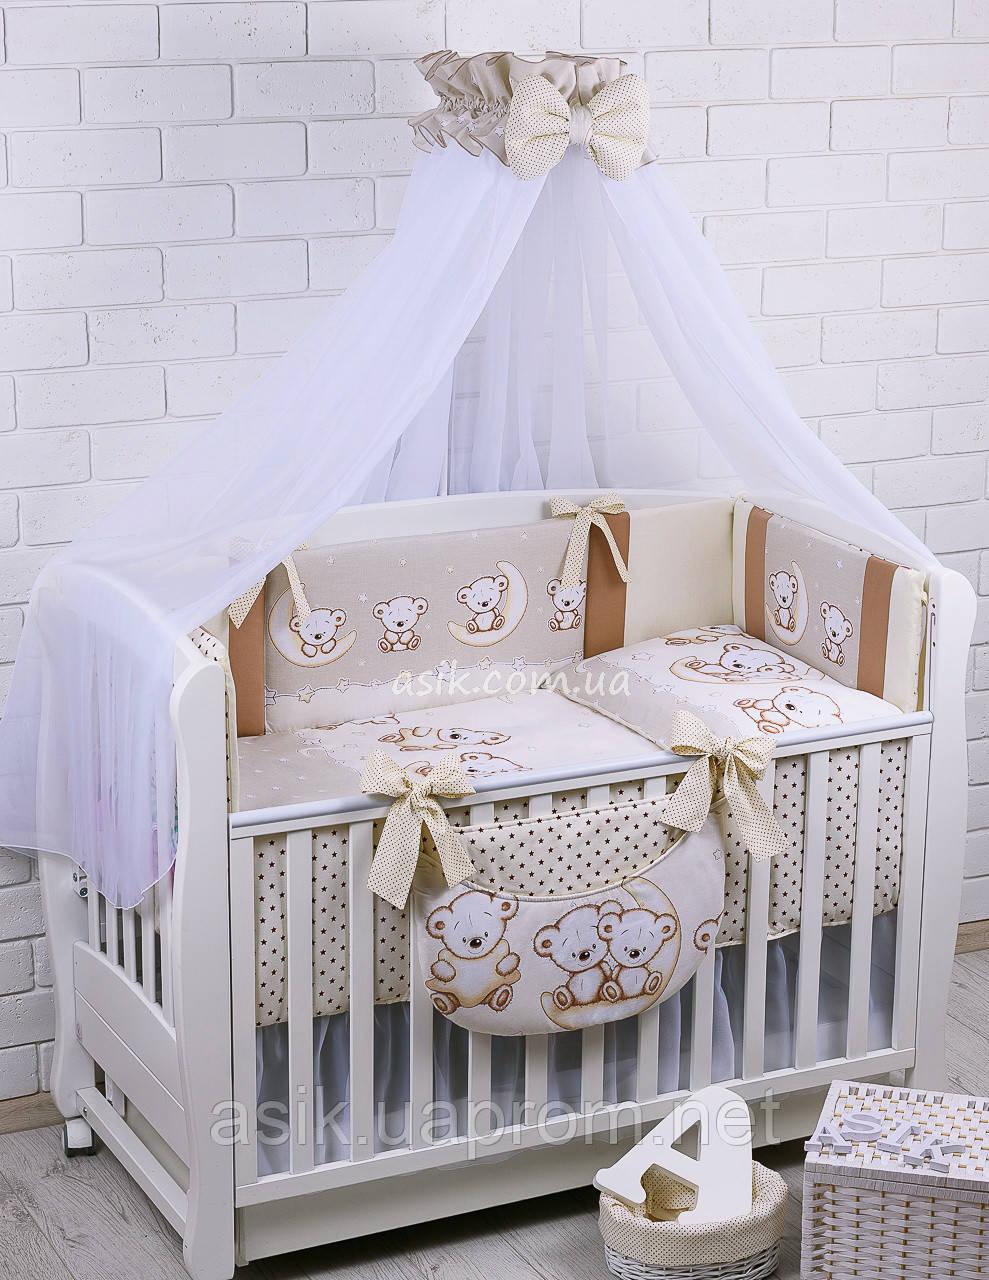 Комплект постельного белья Asik Мишки на луне ванильно-коричневого цвета 8 предметов (8-284)